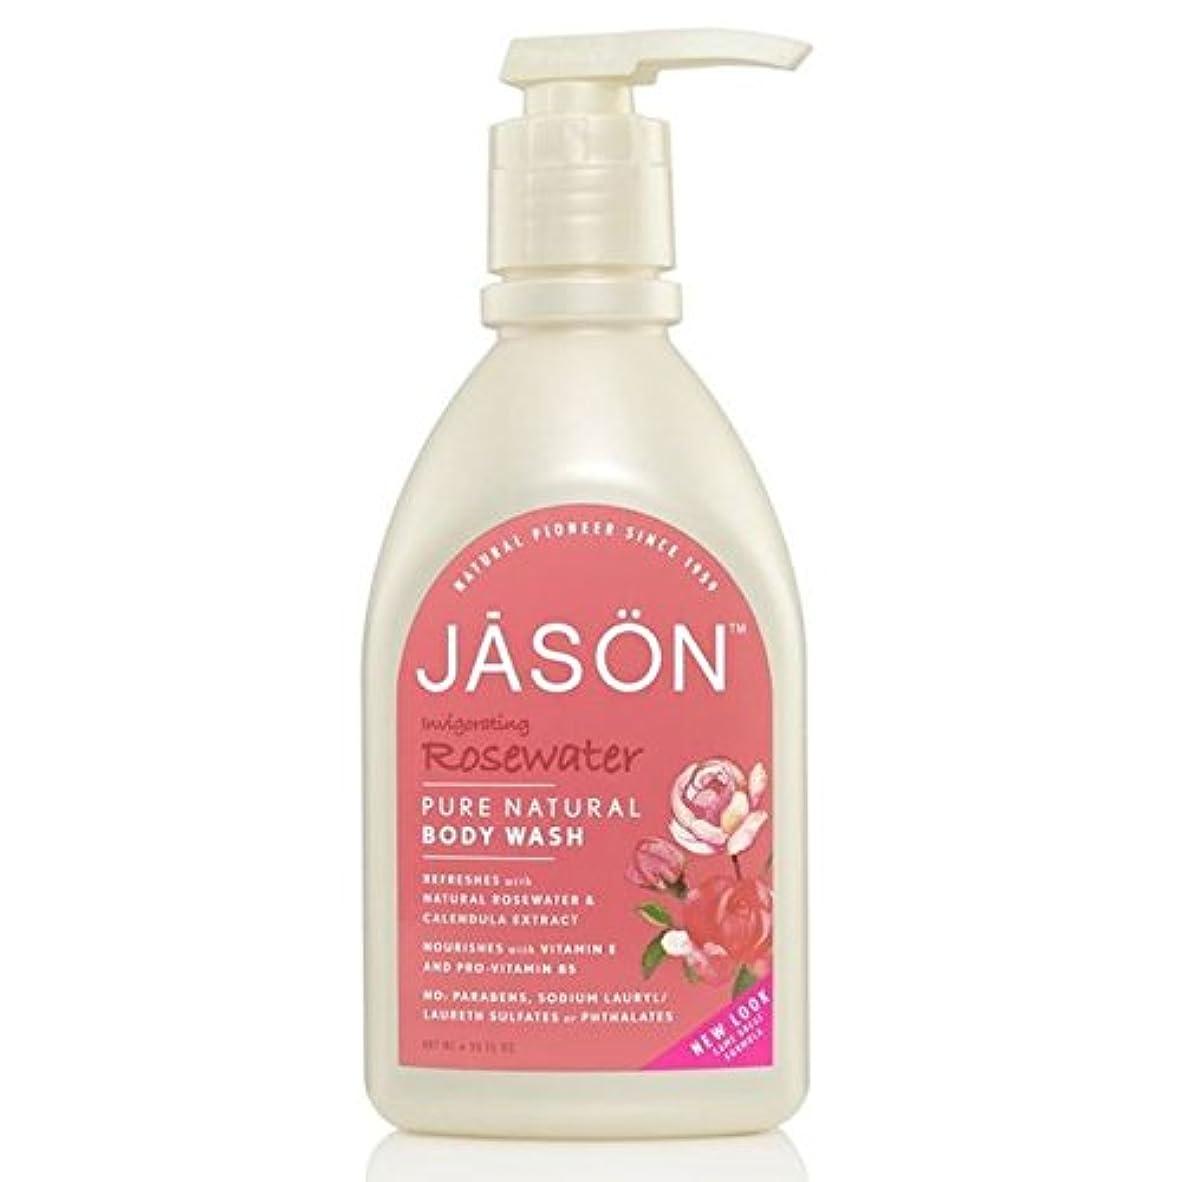 ミトン緩める理解するジェイソン?ボディウォッシュローズウォーターサテンシャワー900ミリリットル x2 - Jason Body Wash Rosewater Satin Shower 900ml (Pack of 2) [並行輸入品]